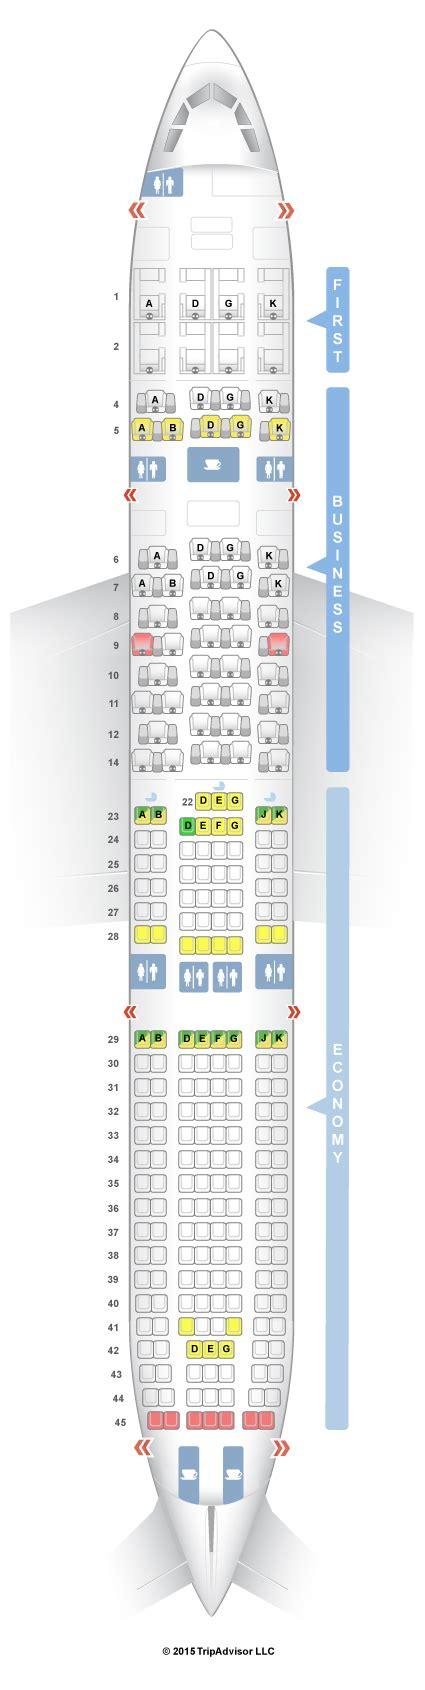 siege swiss seatguru seat map swiss airbus a330 300 333